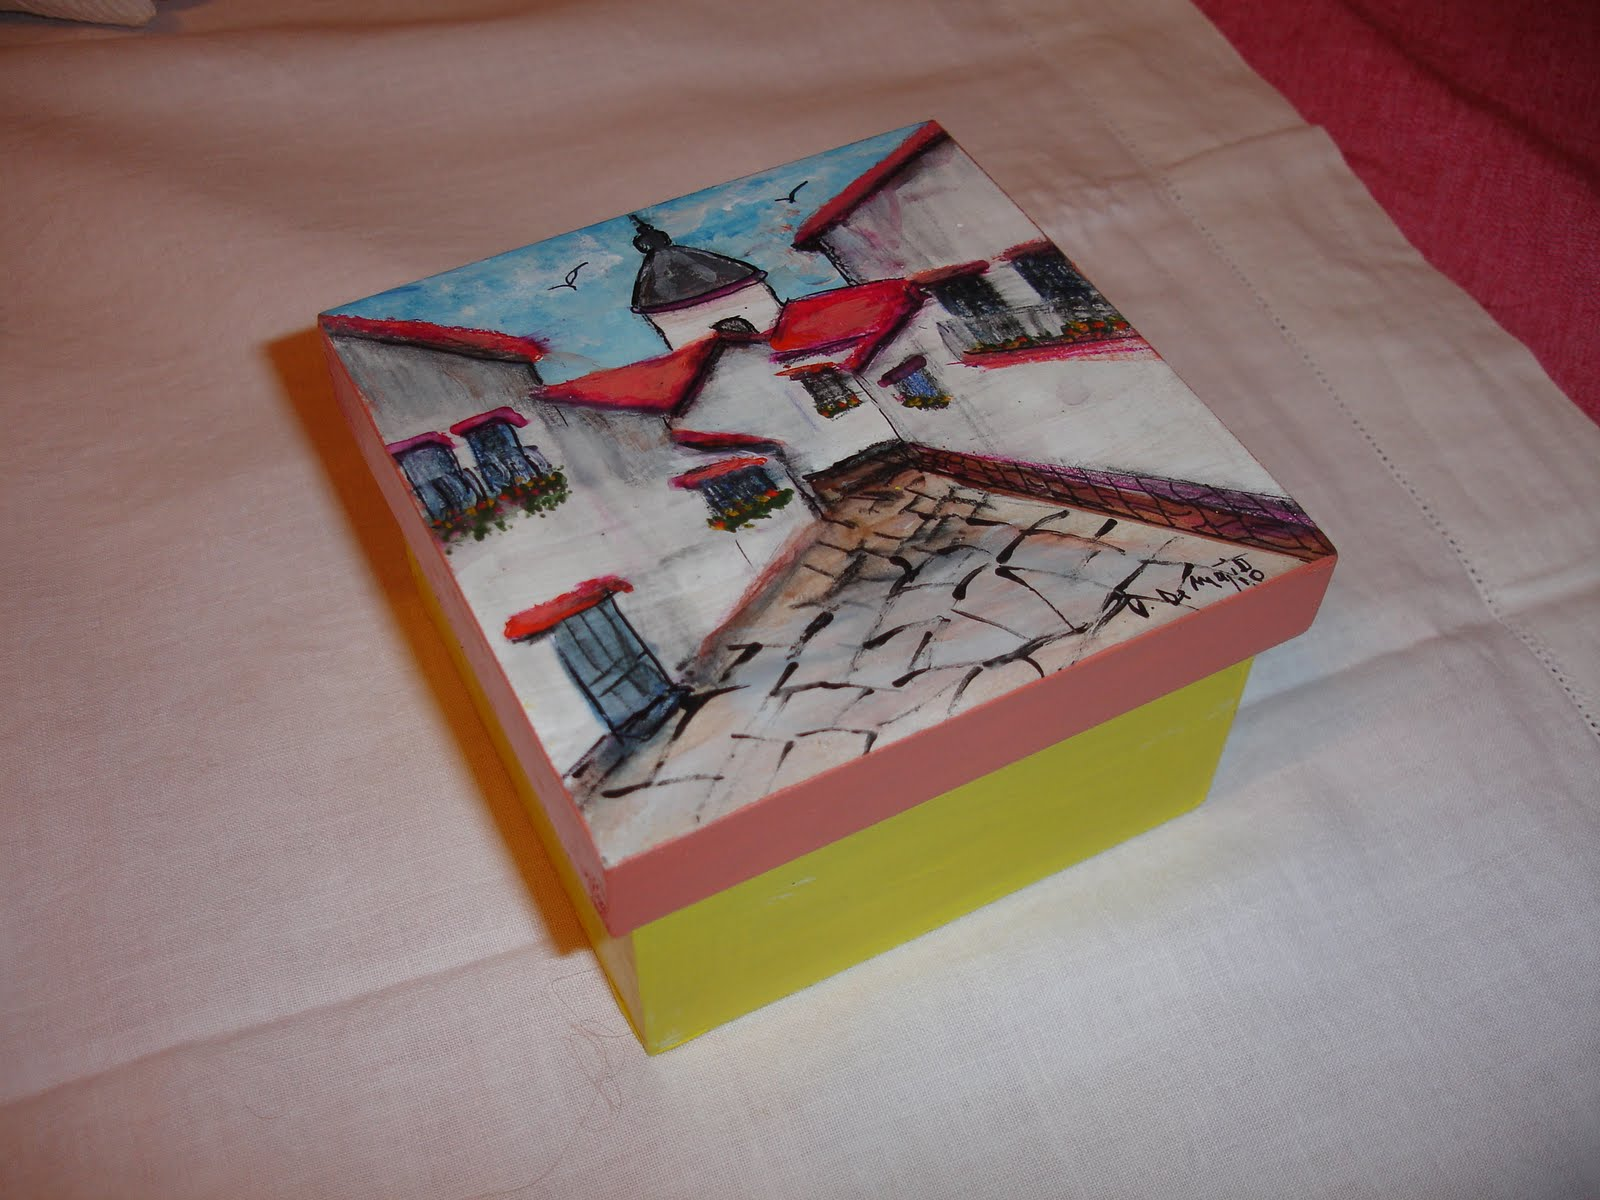 Fotos de cajas de madera pintadas a mano 68